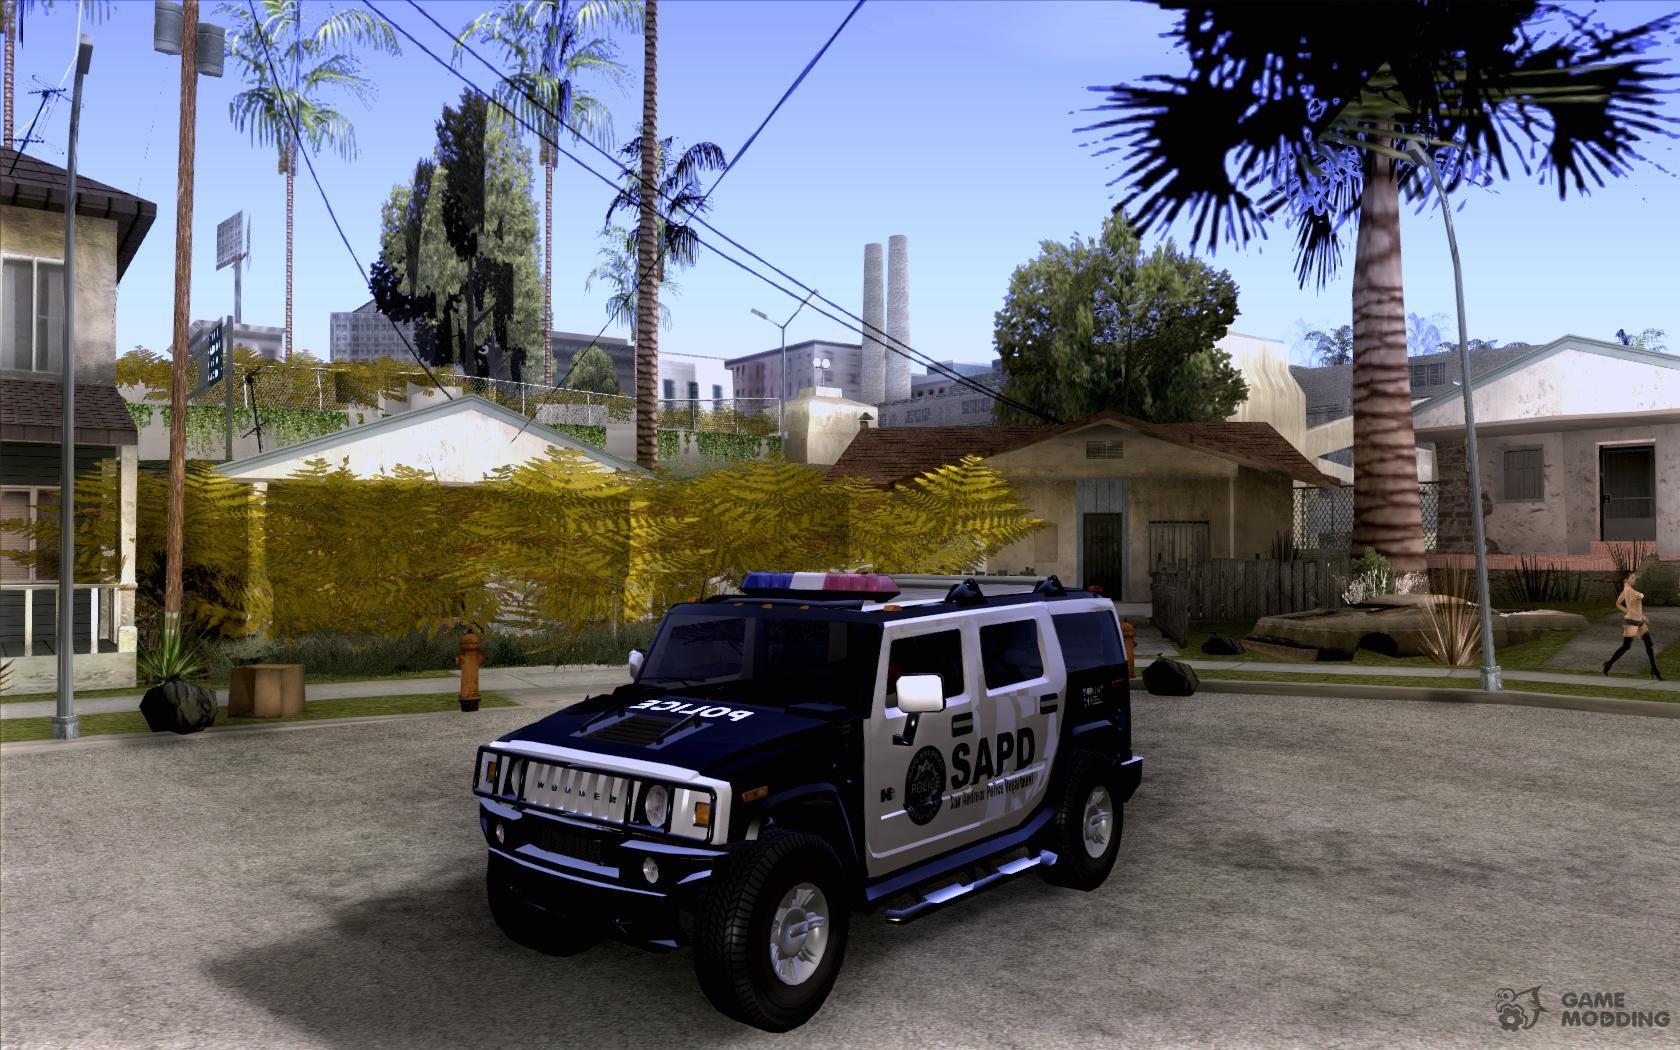 AMG HUMMER H12 SUV SAPD Police for GTA San Andreas | amg hummer